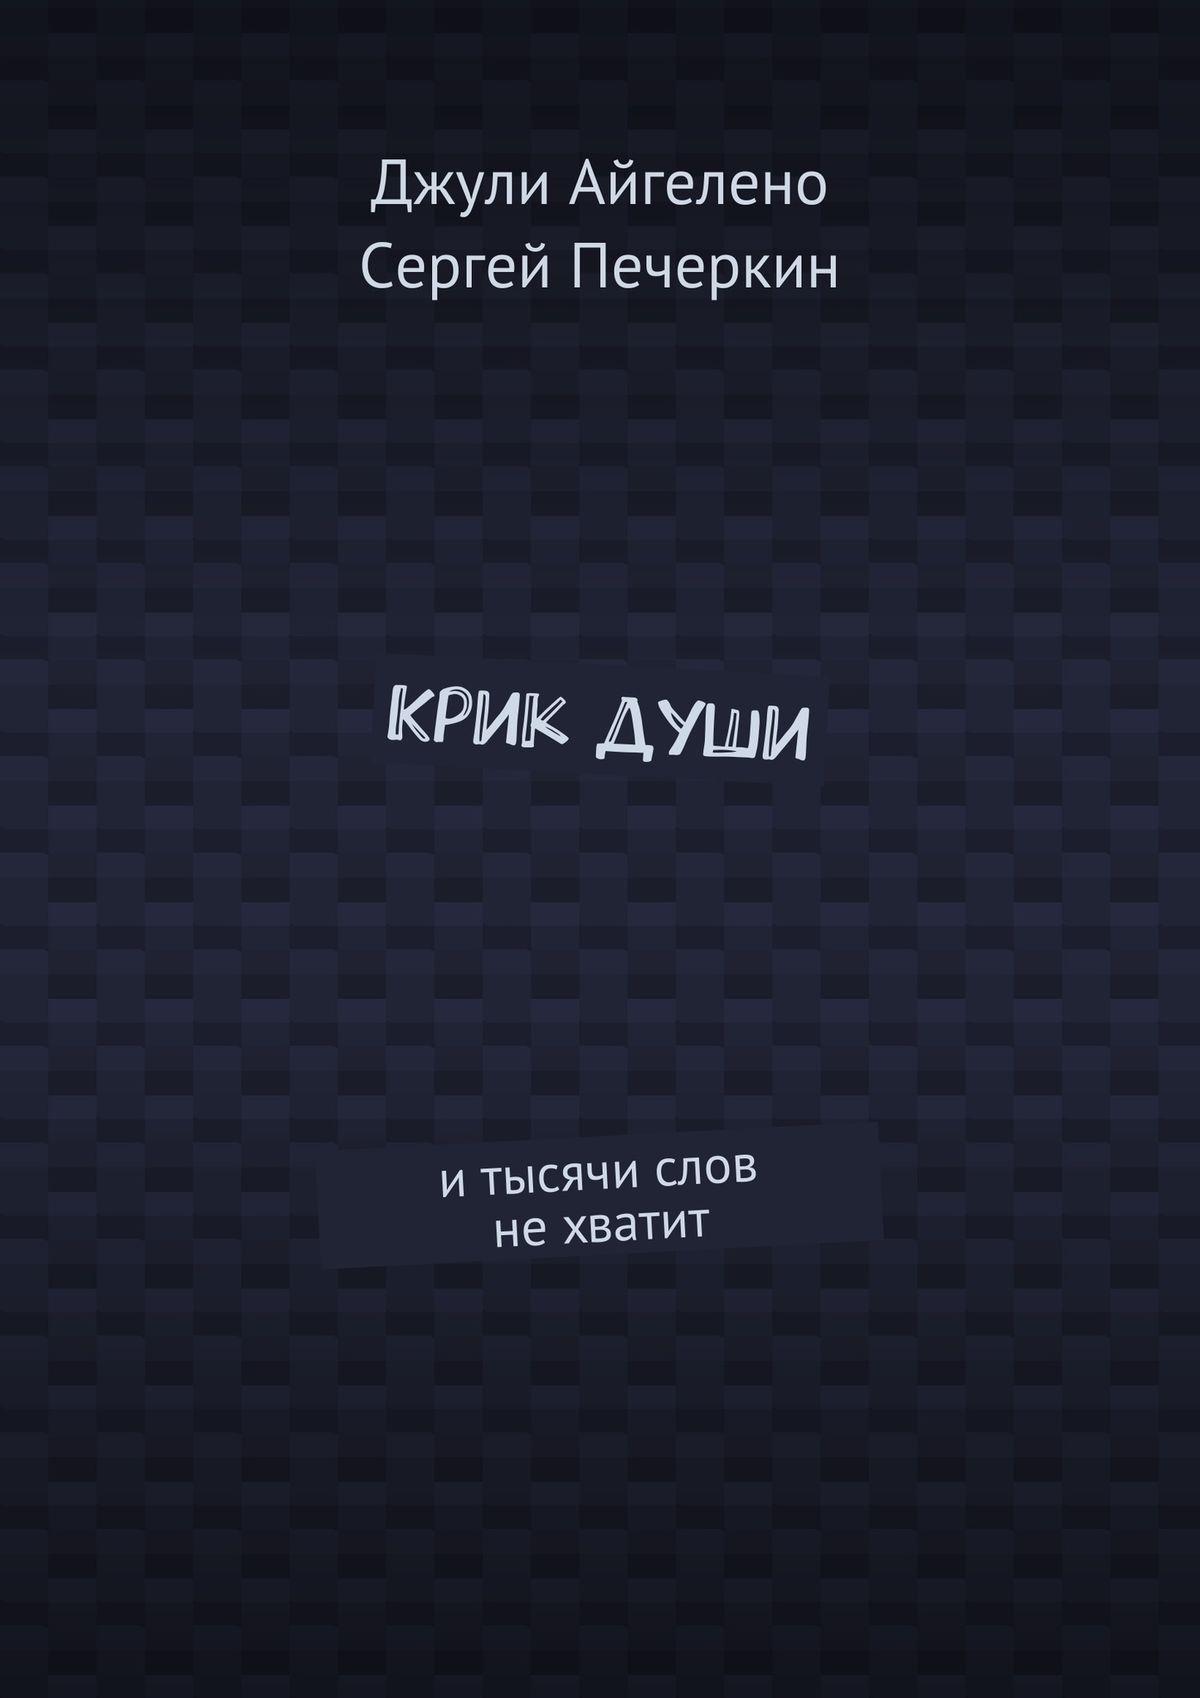 лучшая цена Сергей Печеркин Крикдуши. Итысячислов нехватит